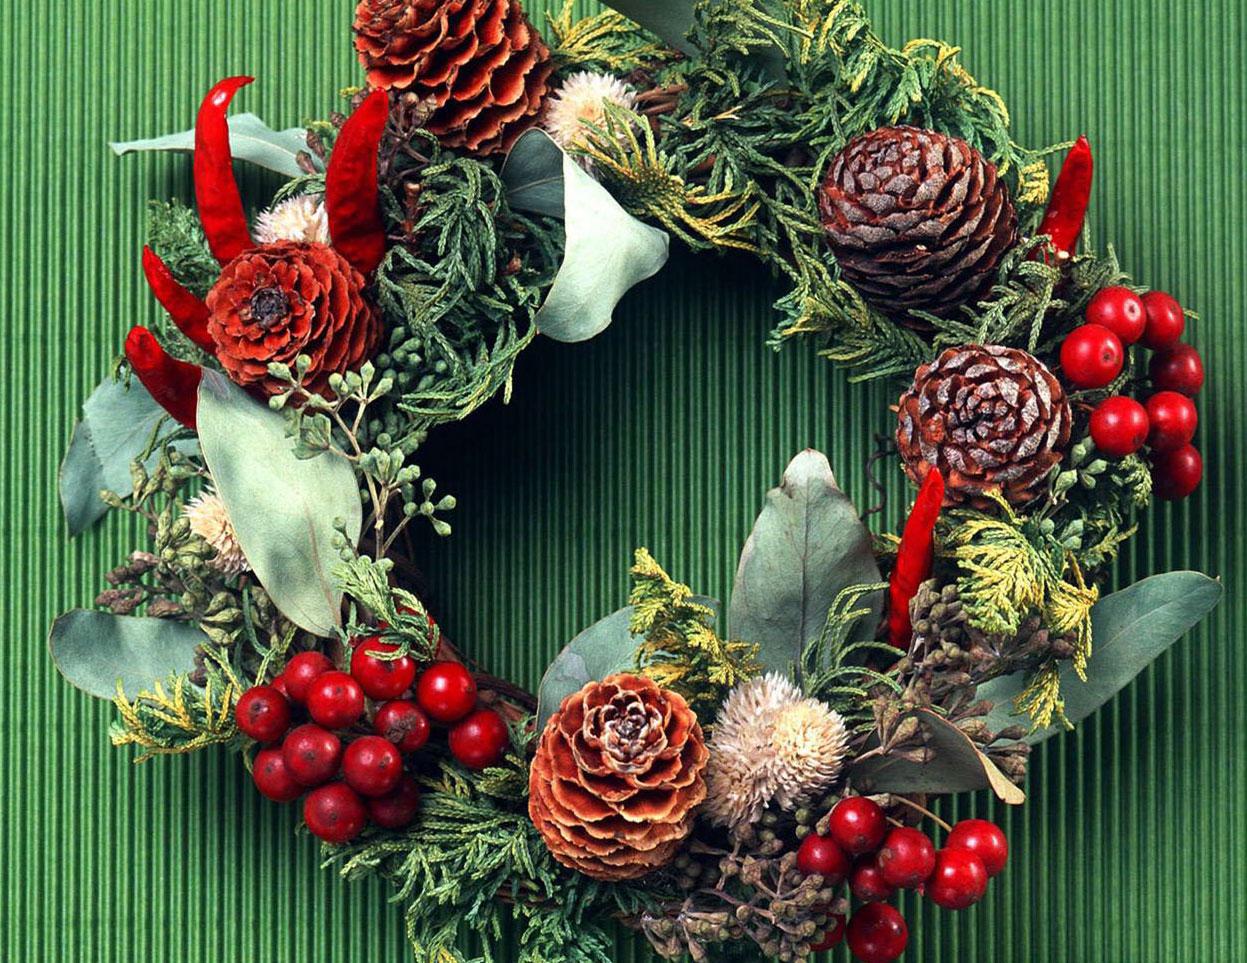 Estilo De Corona De Navidad Para La Puerta De Casa Wallpaper Hd Of - Coronas-de-navidad-para-puertas